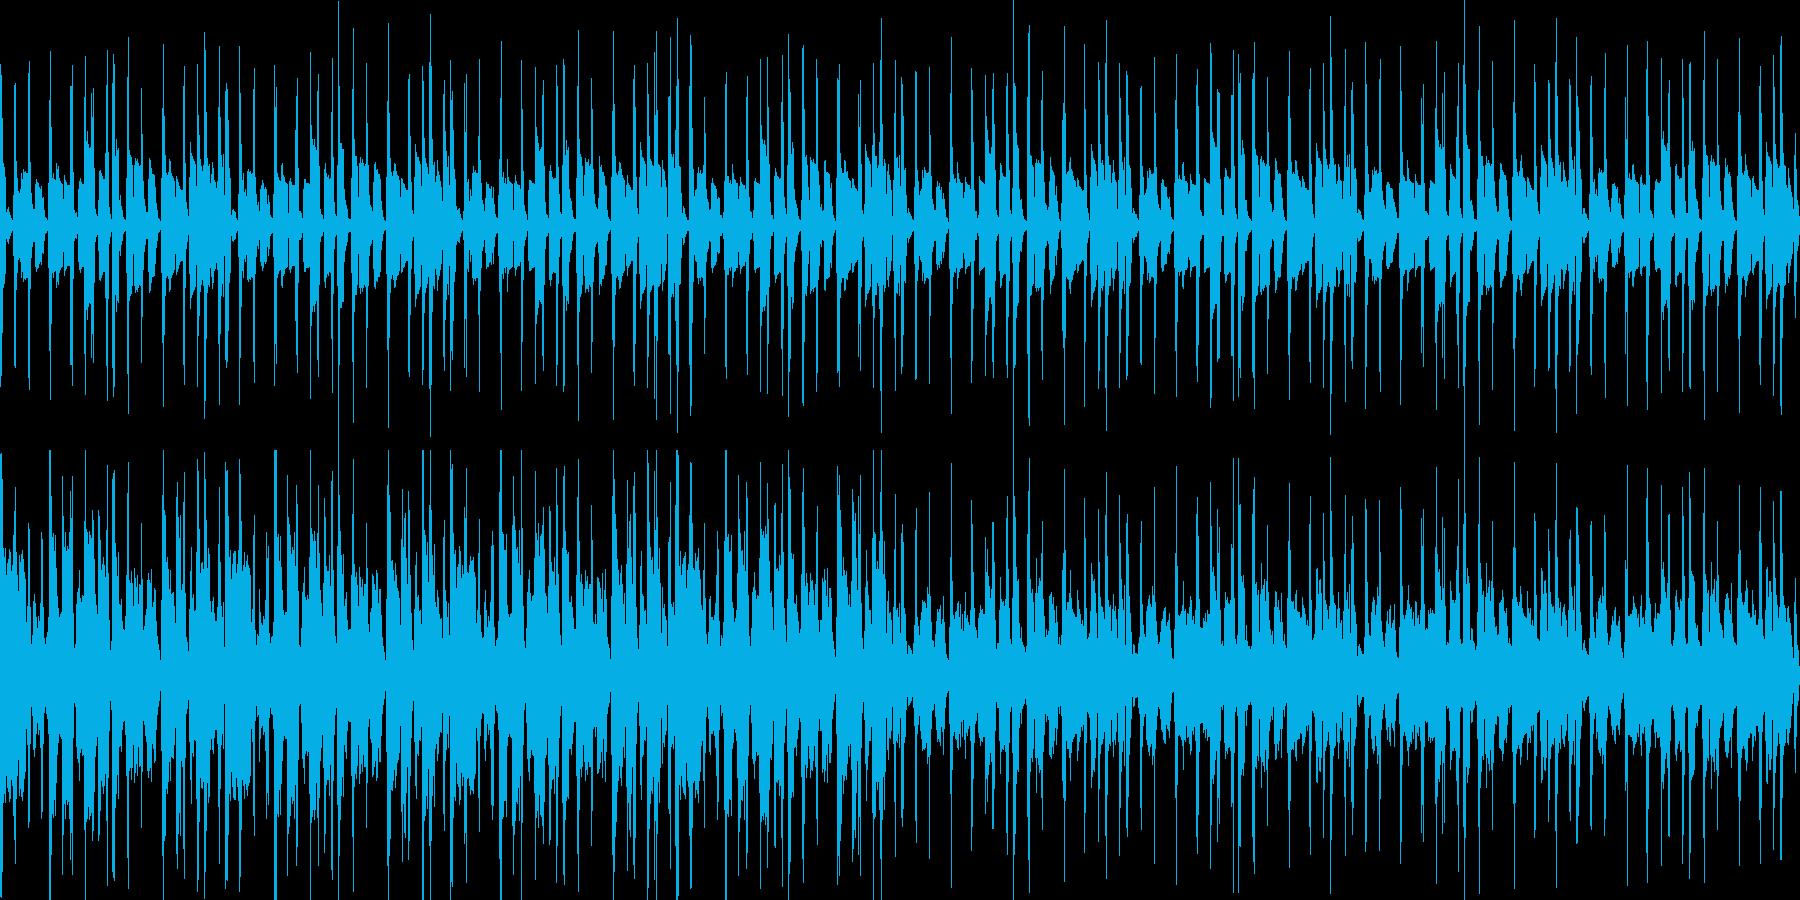 お洒落コードの少し大人な雰囲気のファンクの再生済みの波形